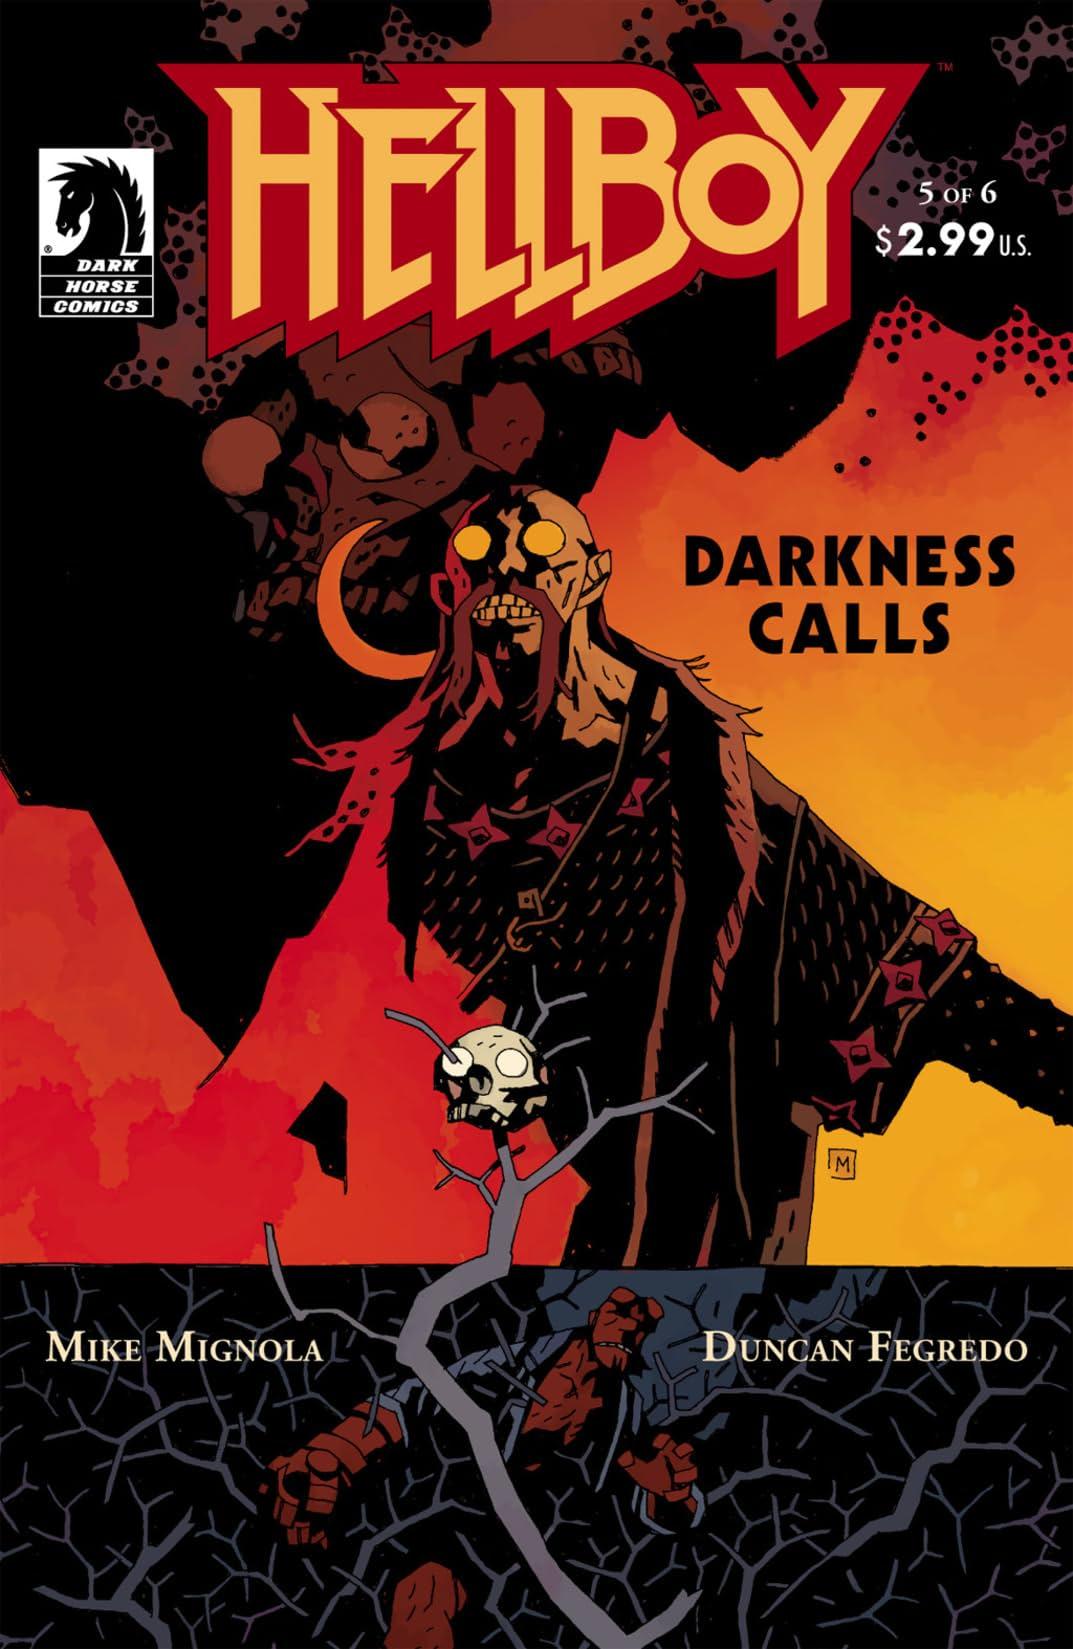 Hellboy: Darkness Calls #5